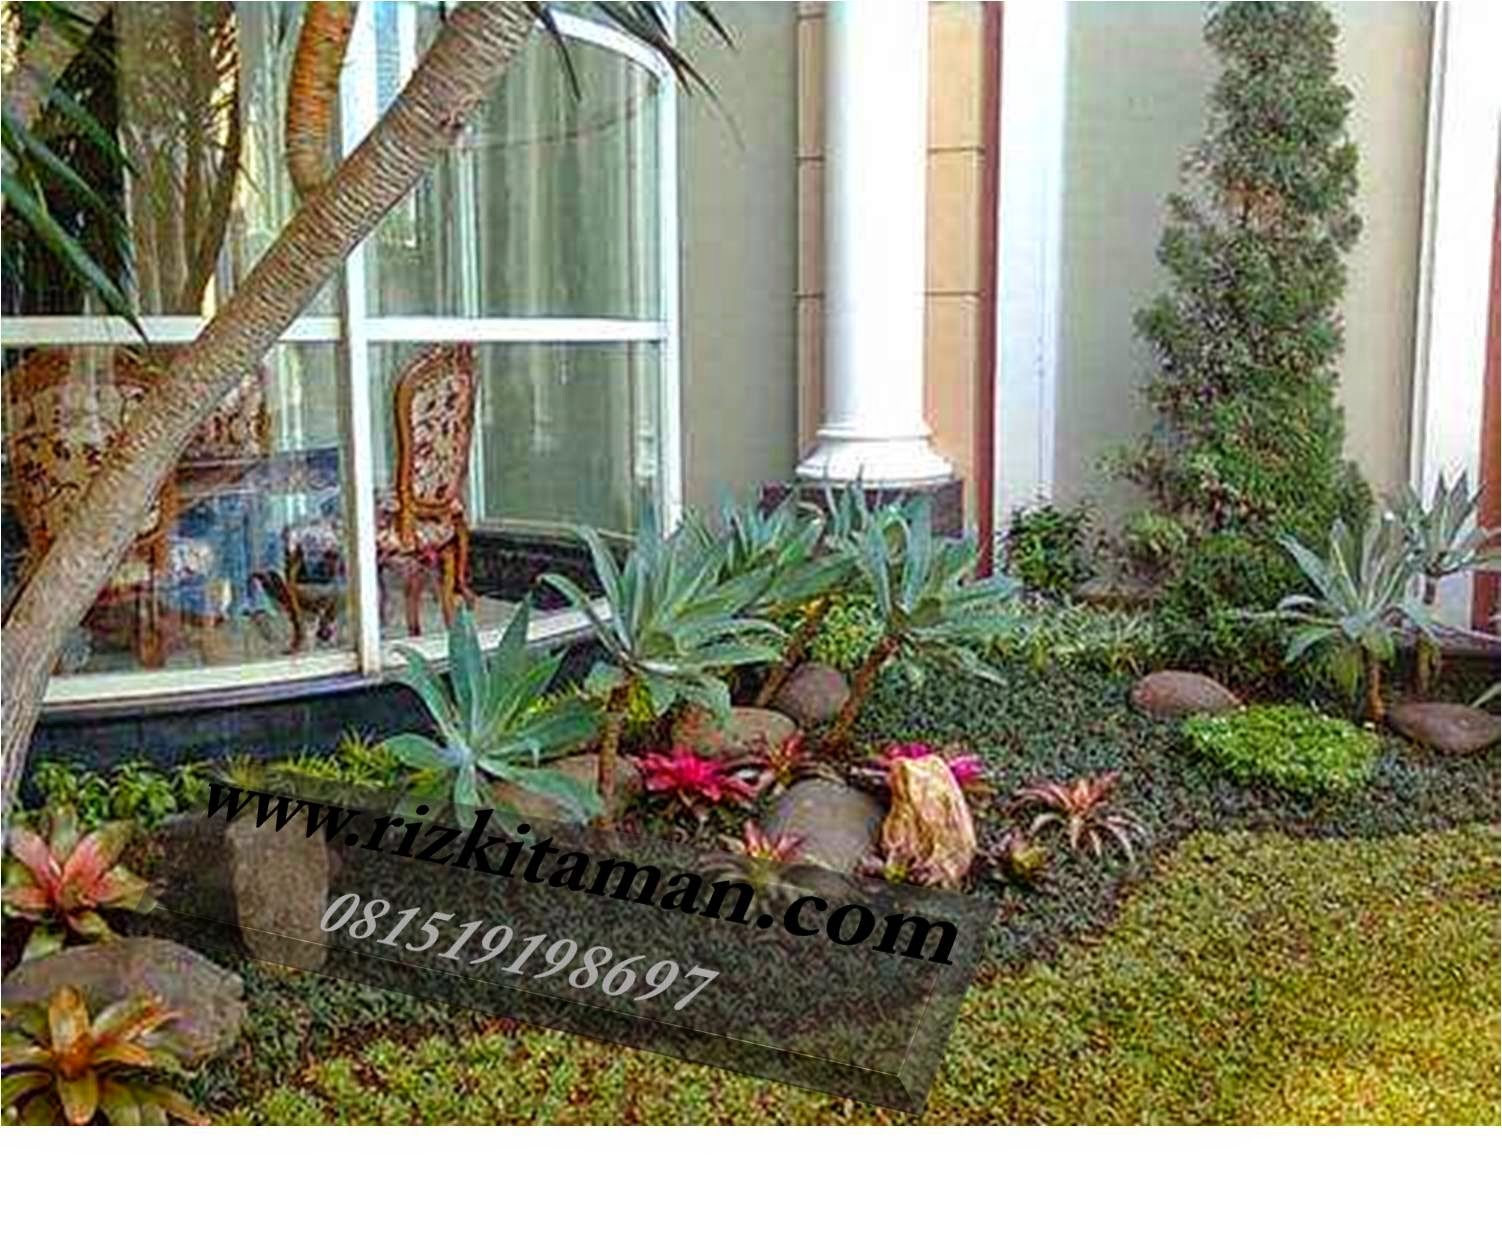 Tukang taman rumahan | jasa tanam rumput dan pembuatan taman minimalis